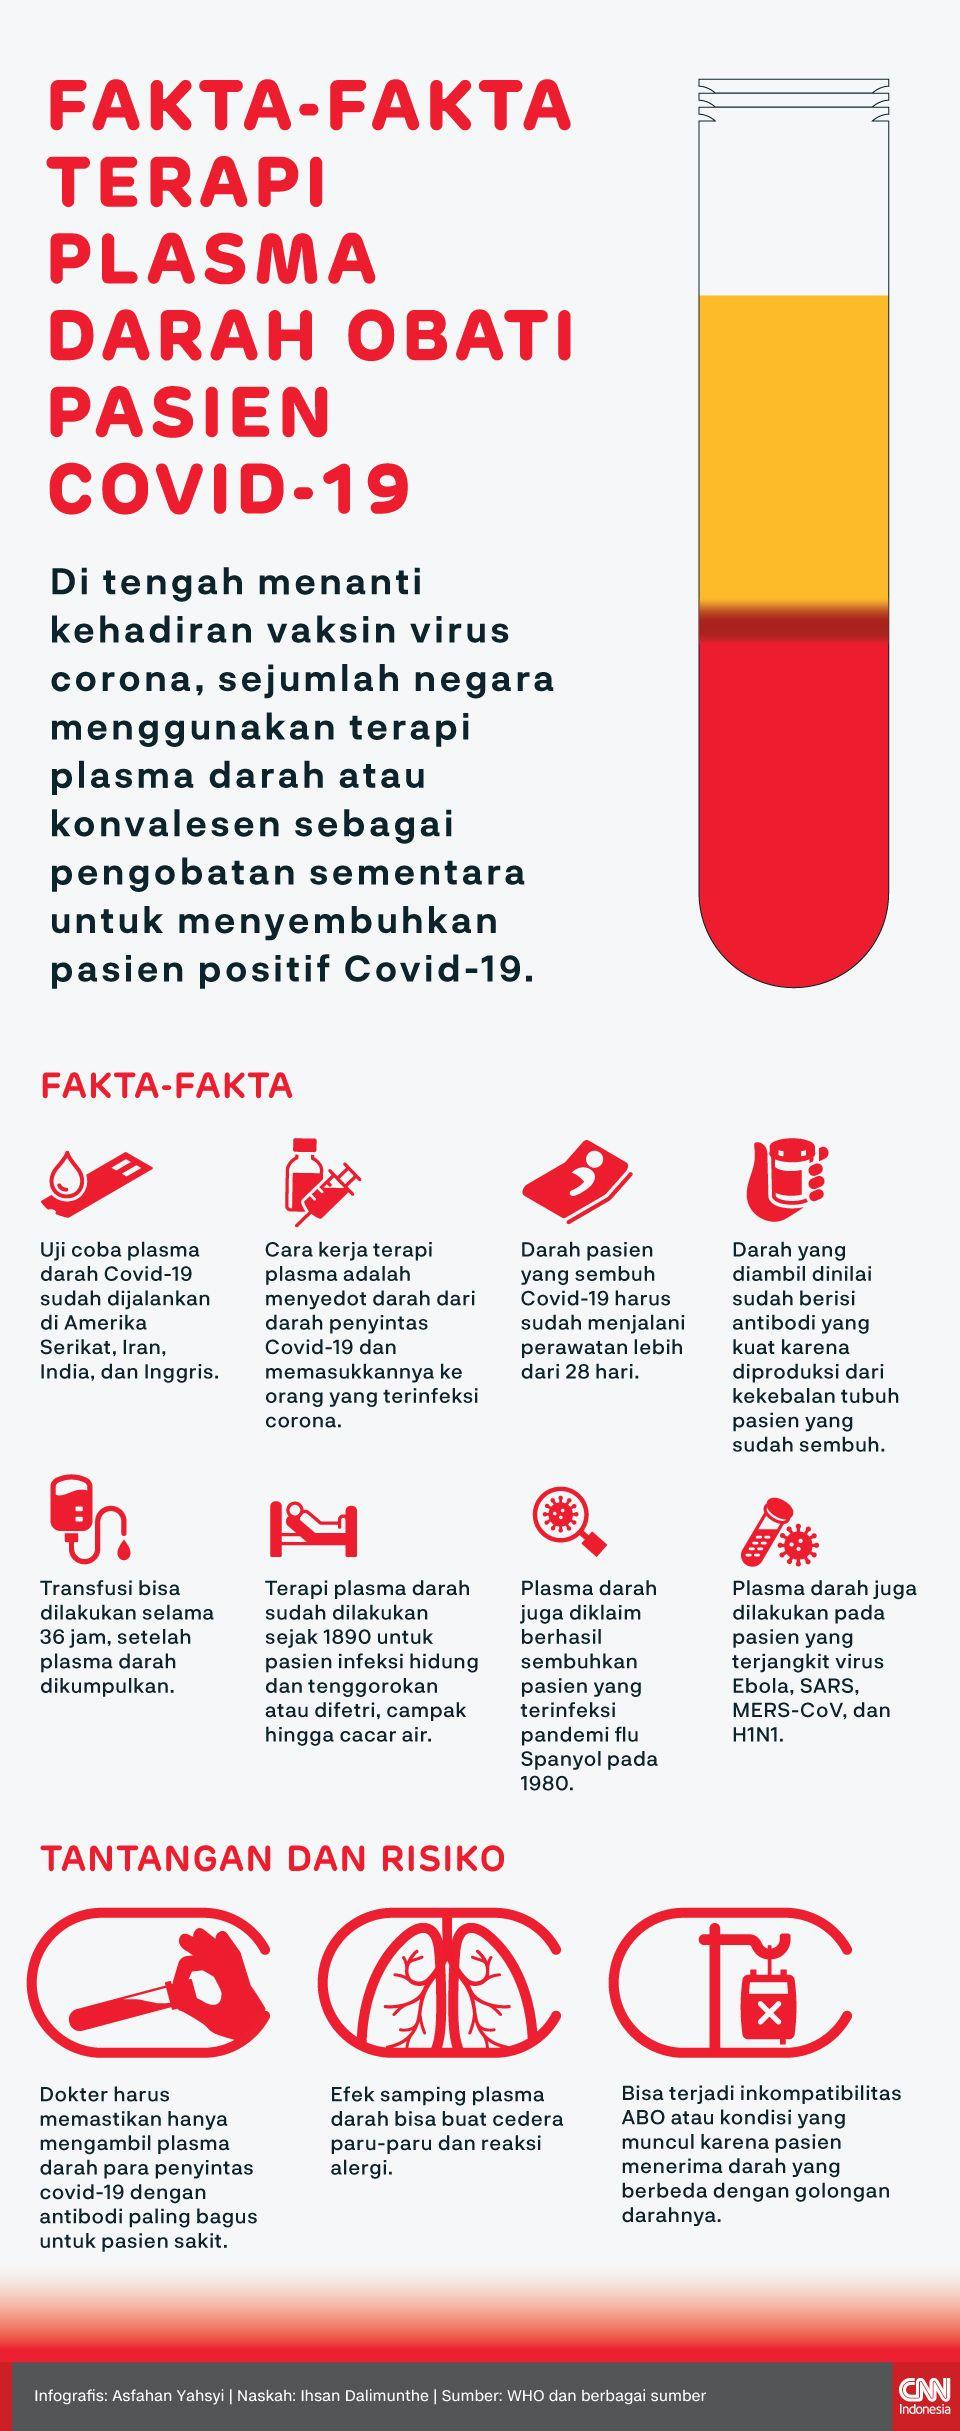 Infografis Fakta-fakta Terapi Plasma Darah Obati Pasien Covid-19.